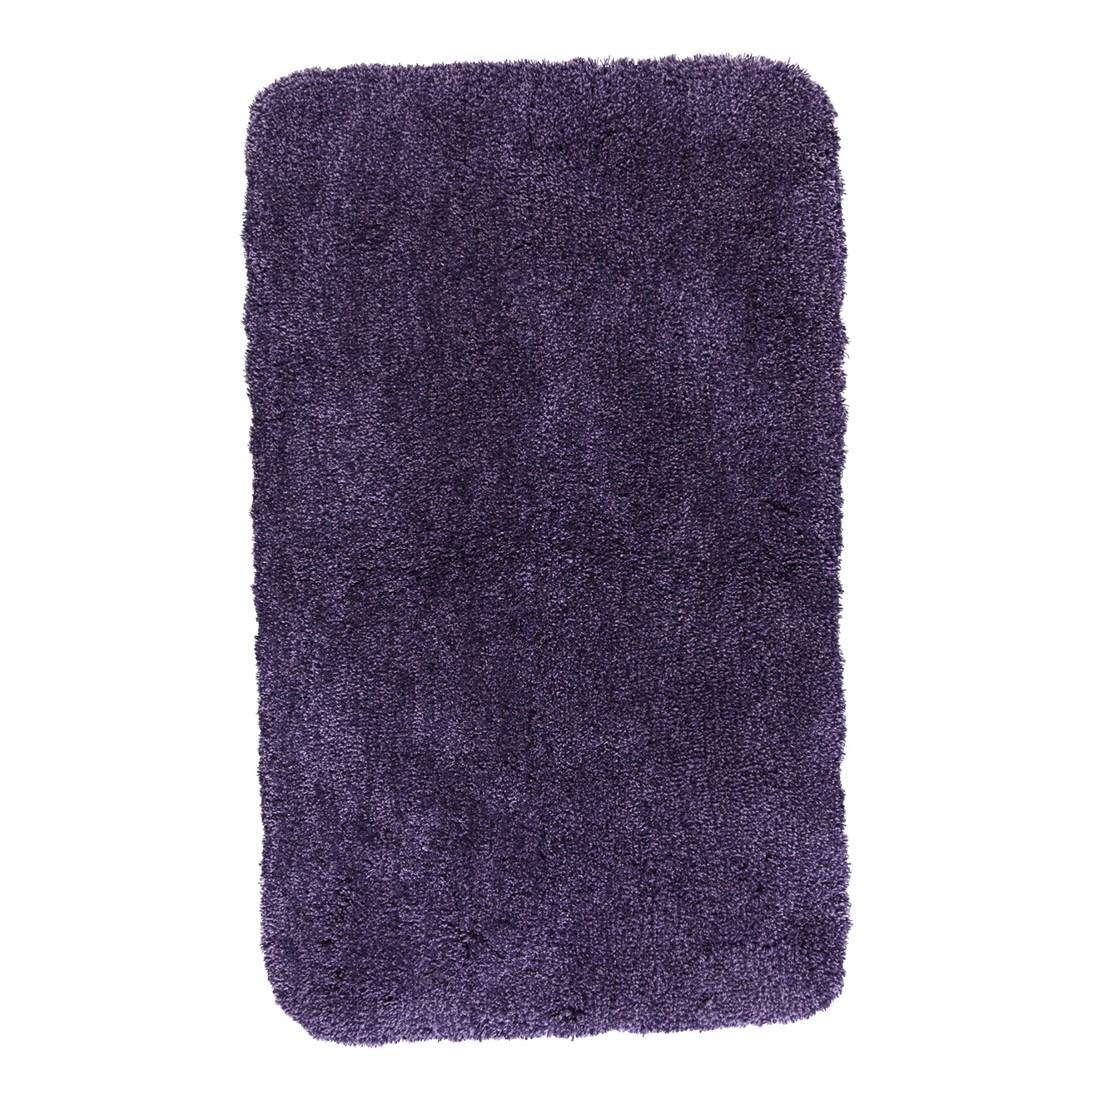 Badteppich Relax - 100% Polyacryl Aubergine - 872 - Toilettenvorlage: 55 x 55 cm, Kleine Wolke